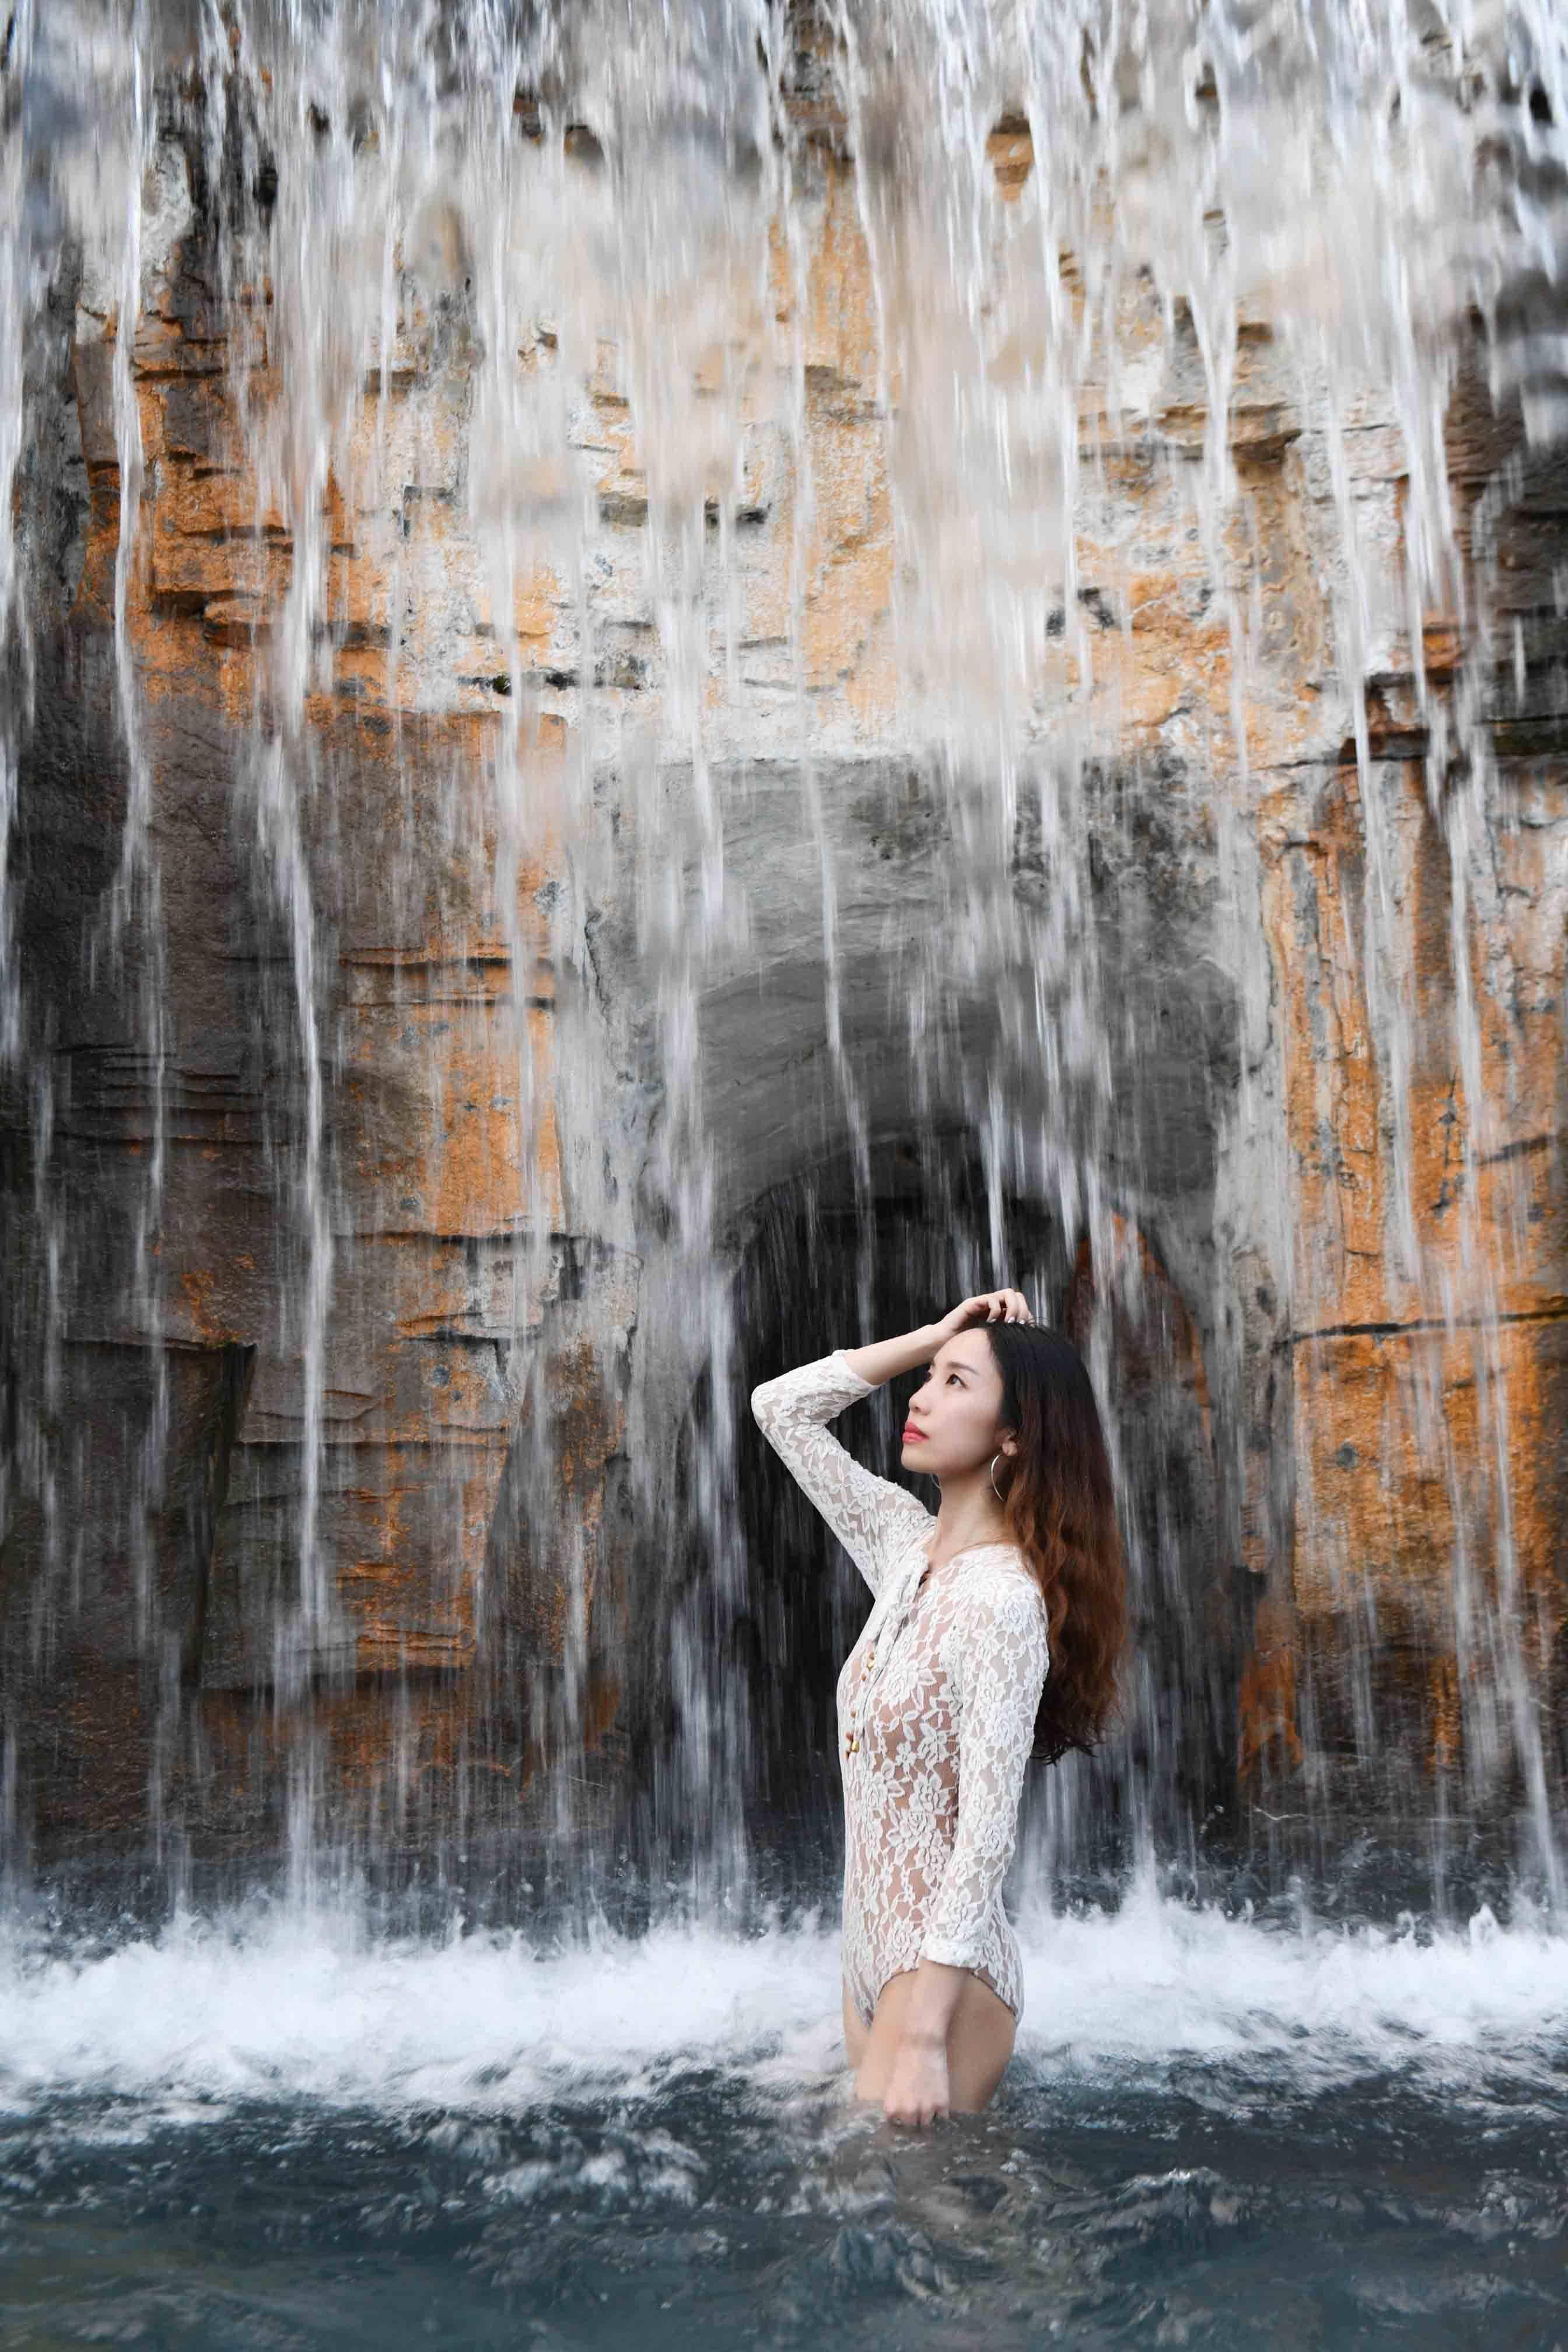 珠三角周末游去哪?不妨去云浮摘水果泡温泉,感受悠闲的田园生活